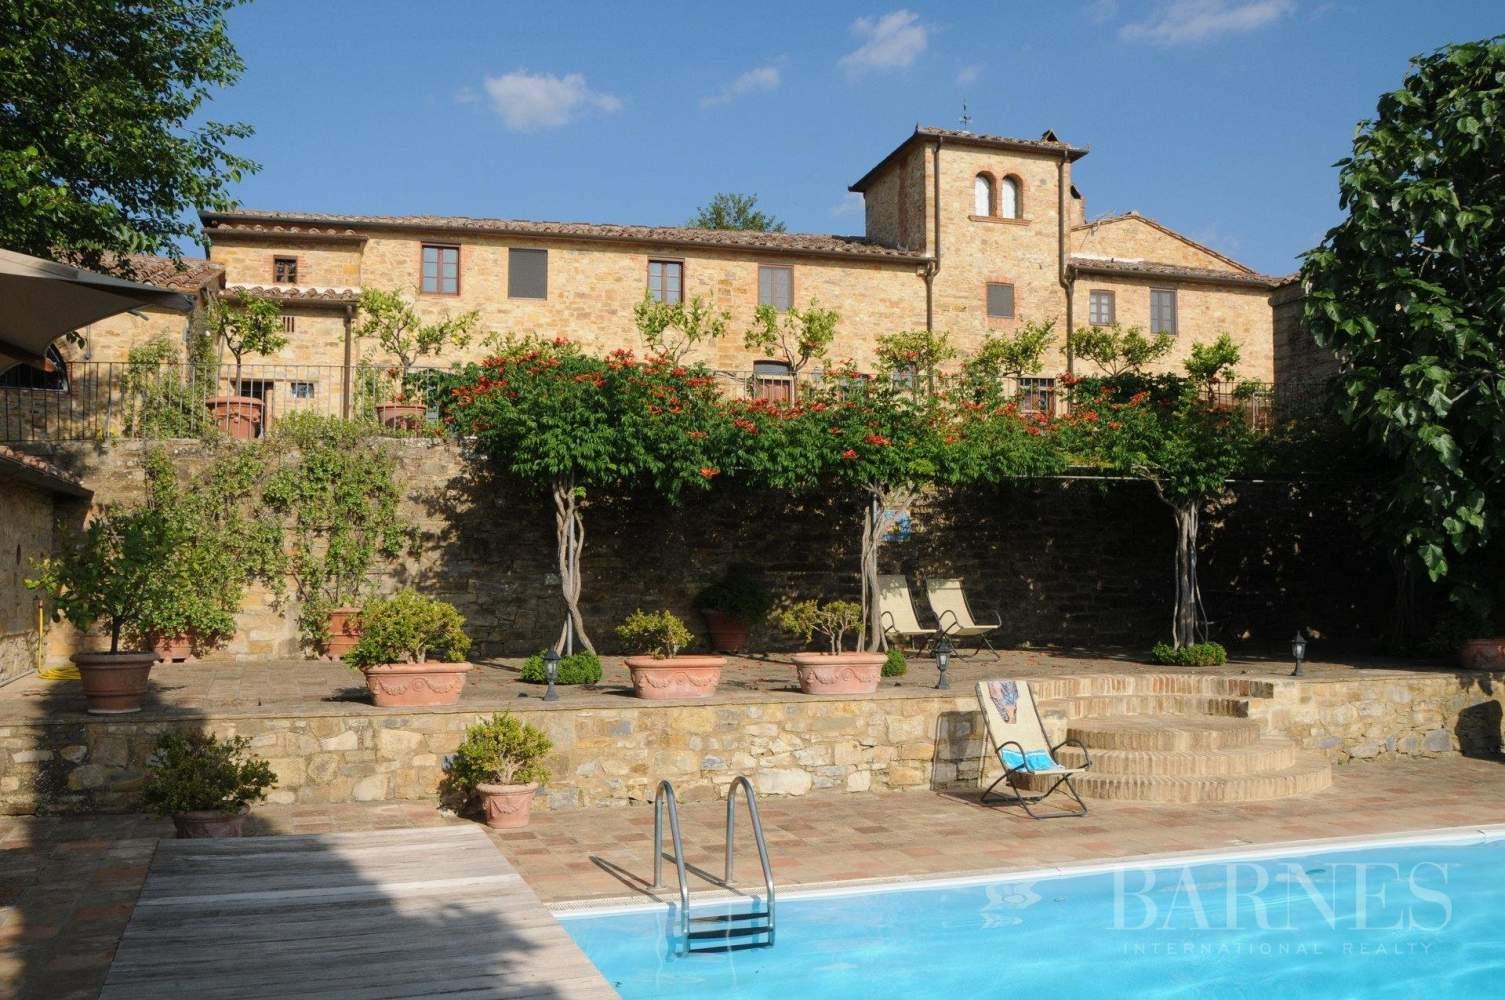 Barberino Tavarnelle  - Villa 10 Pièces 9 Chambres - picture 4